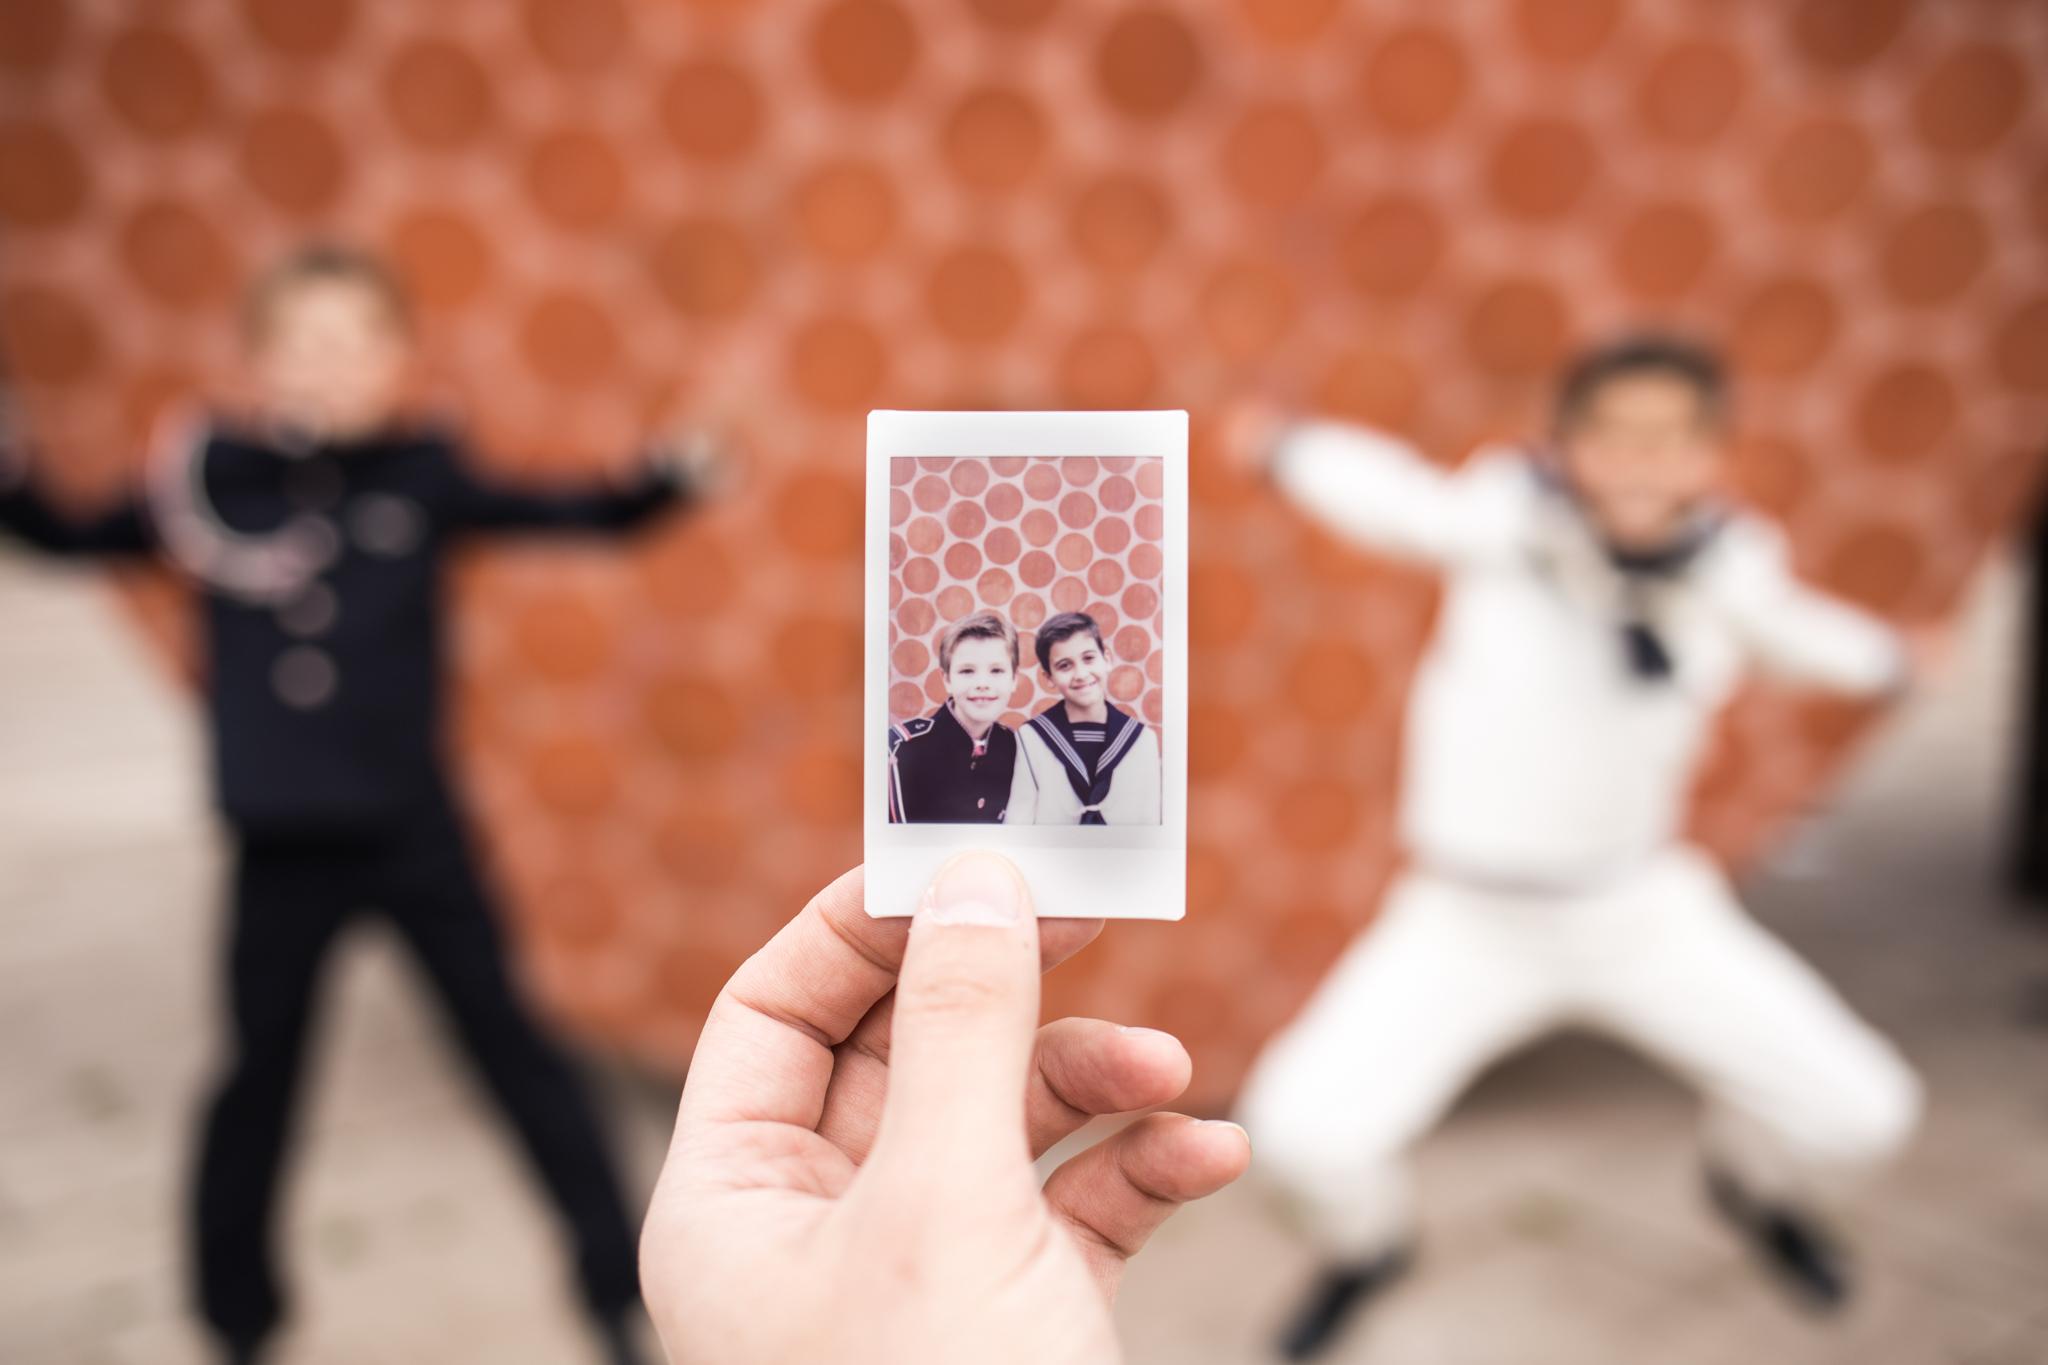 Oier y Victor Comunión - Joshua Miravalles Gómez Fotógrafo - Joshua Miravalles Gómez Photographer